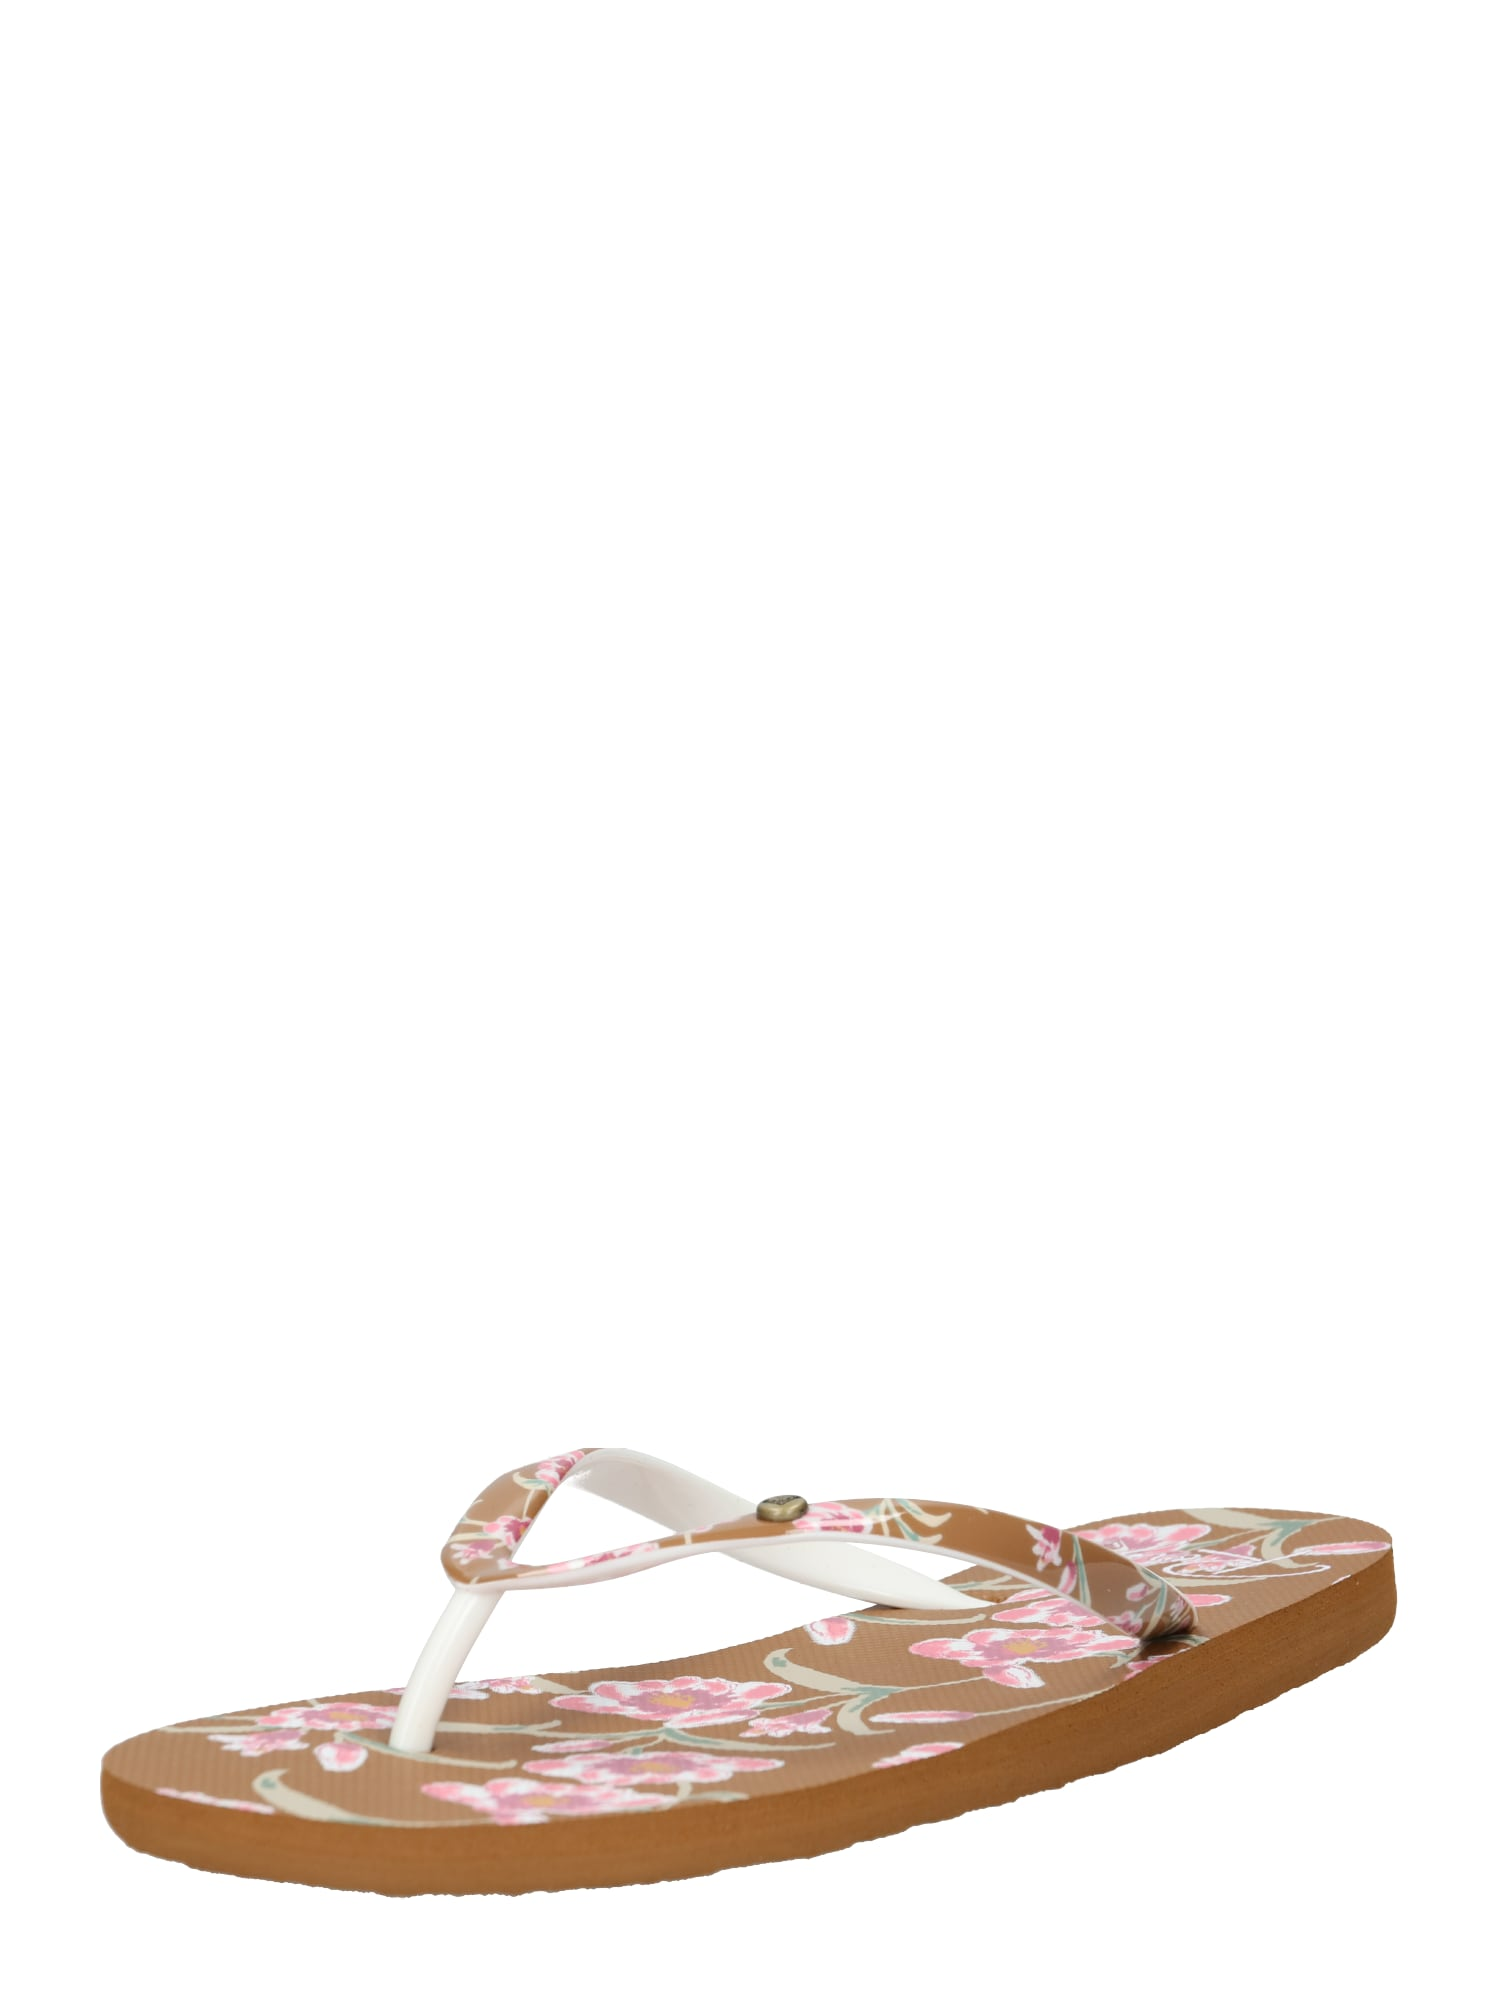 Pantofle PORTOFINO II hnědá růžová ROXY